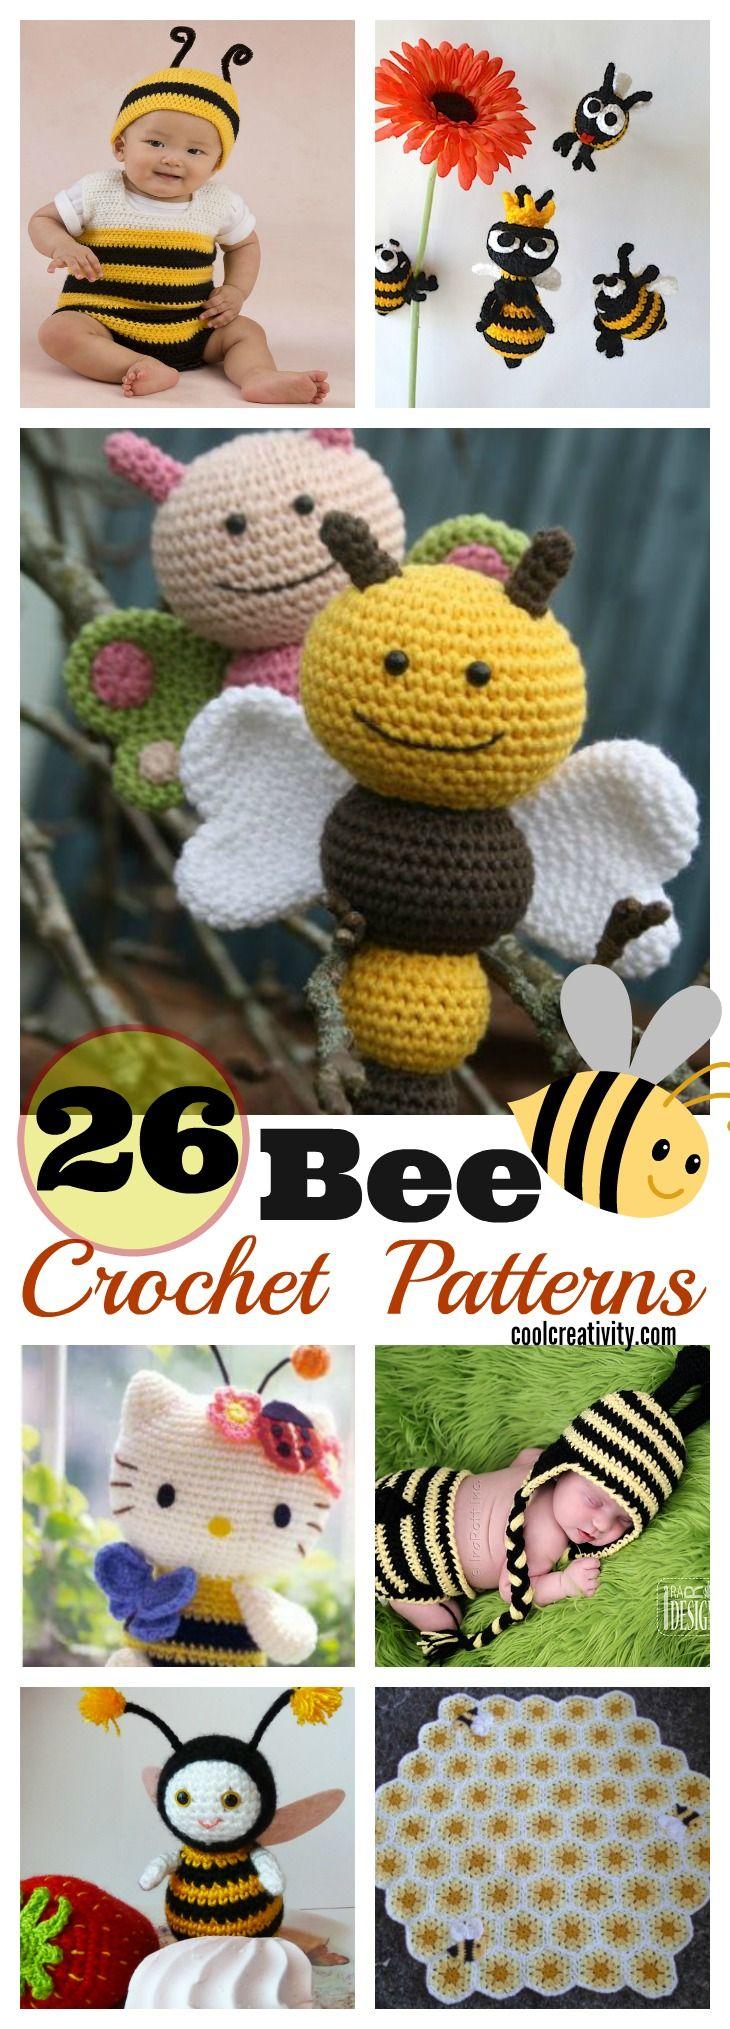 26 Crochet Bee Patterns